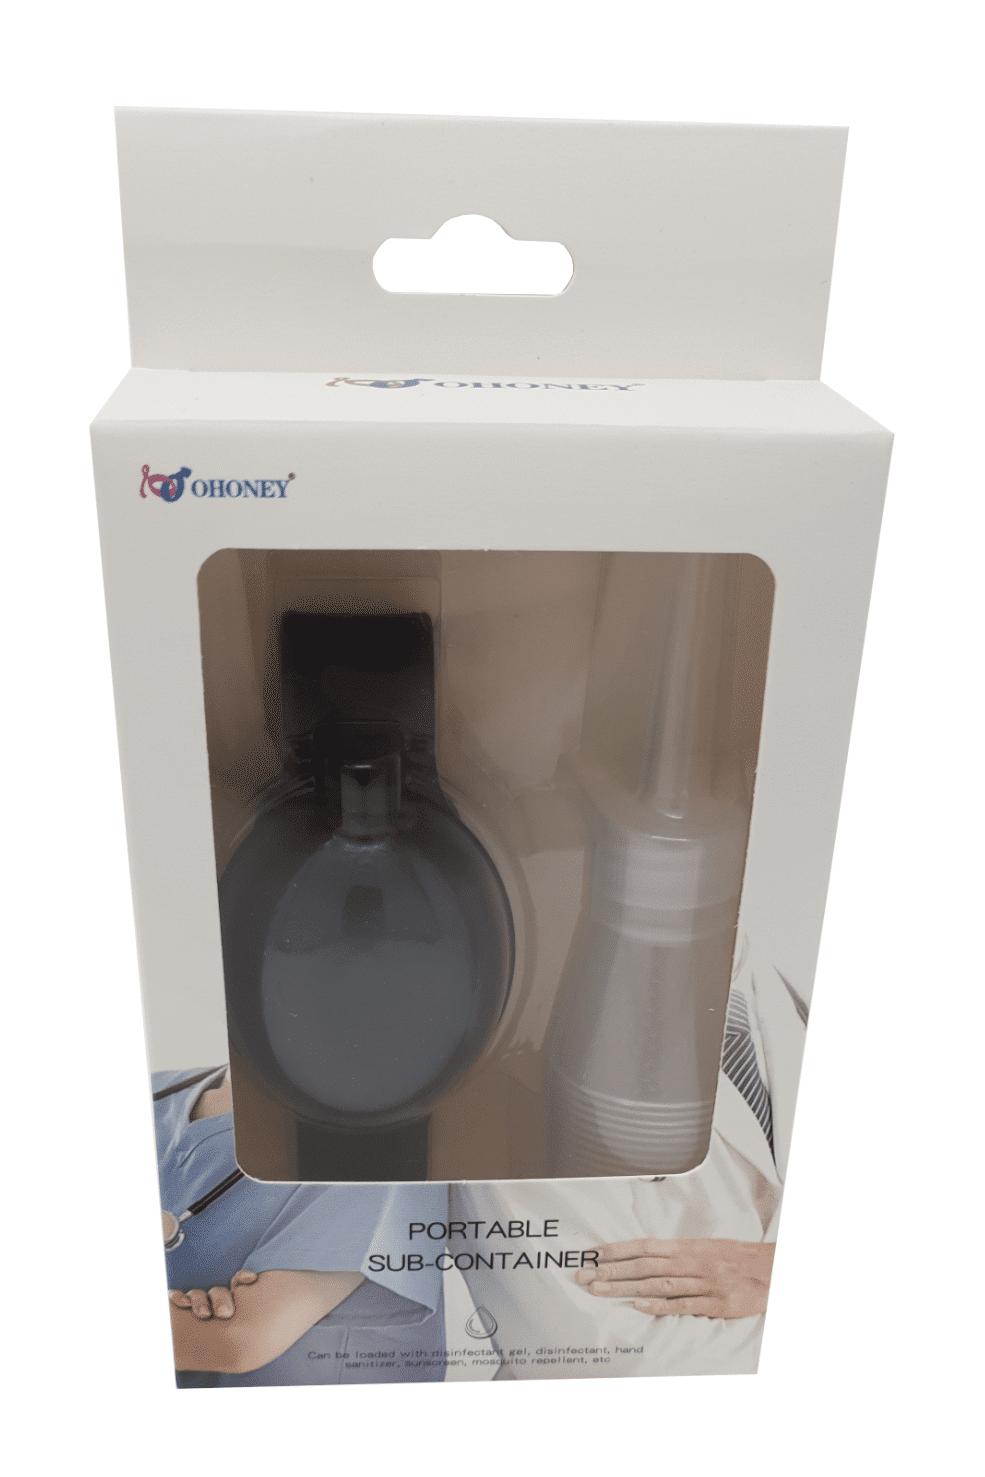 Washino-Verpackung-Schwarz Desinfketionsarmband online kaufen